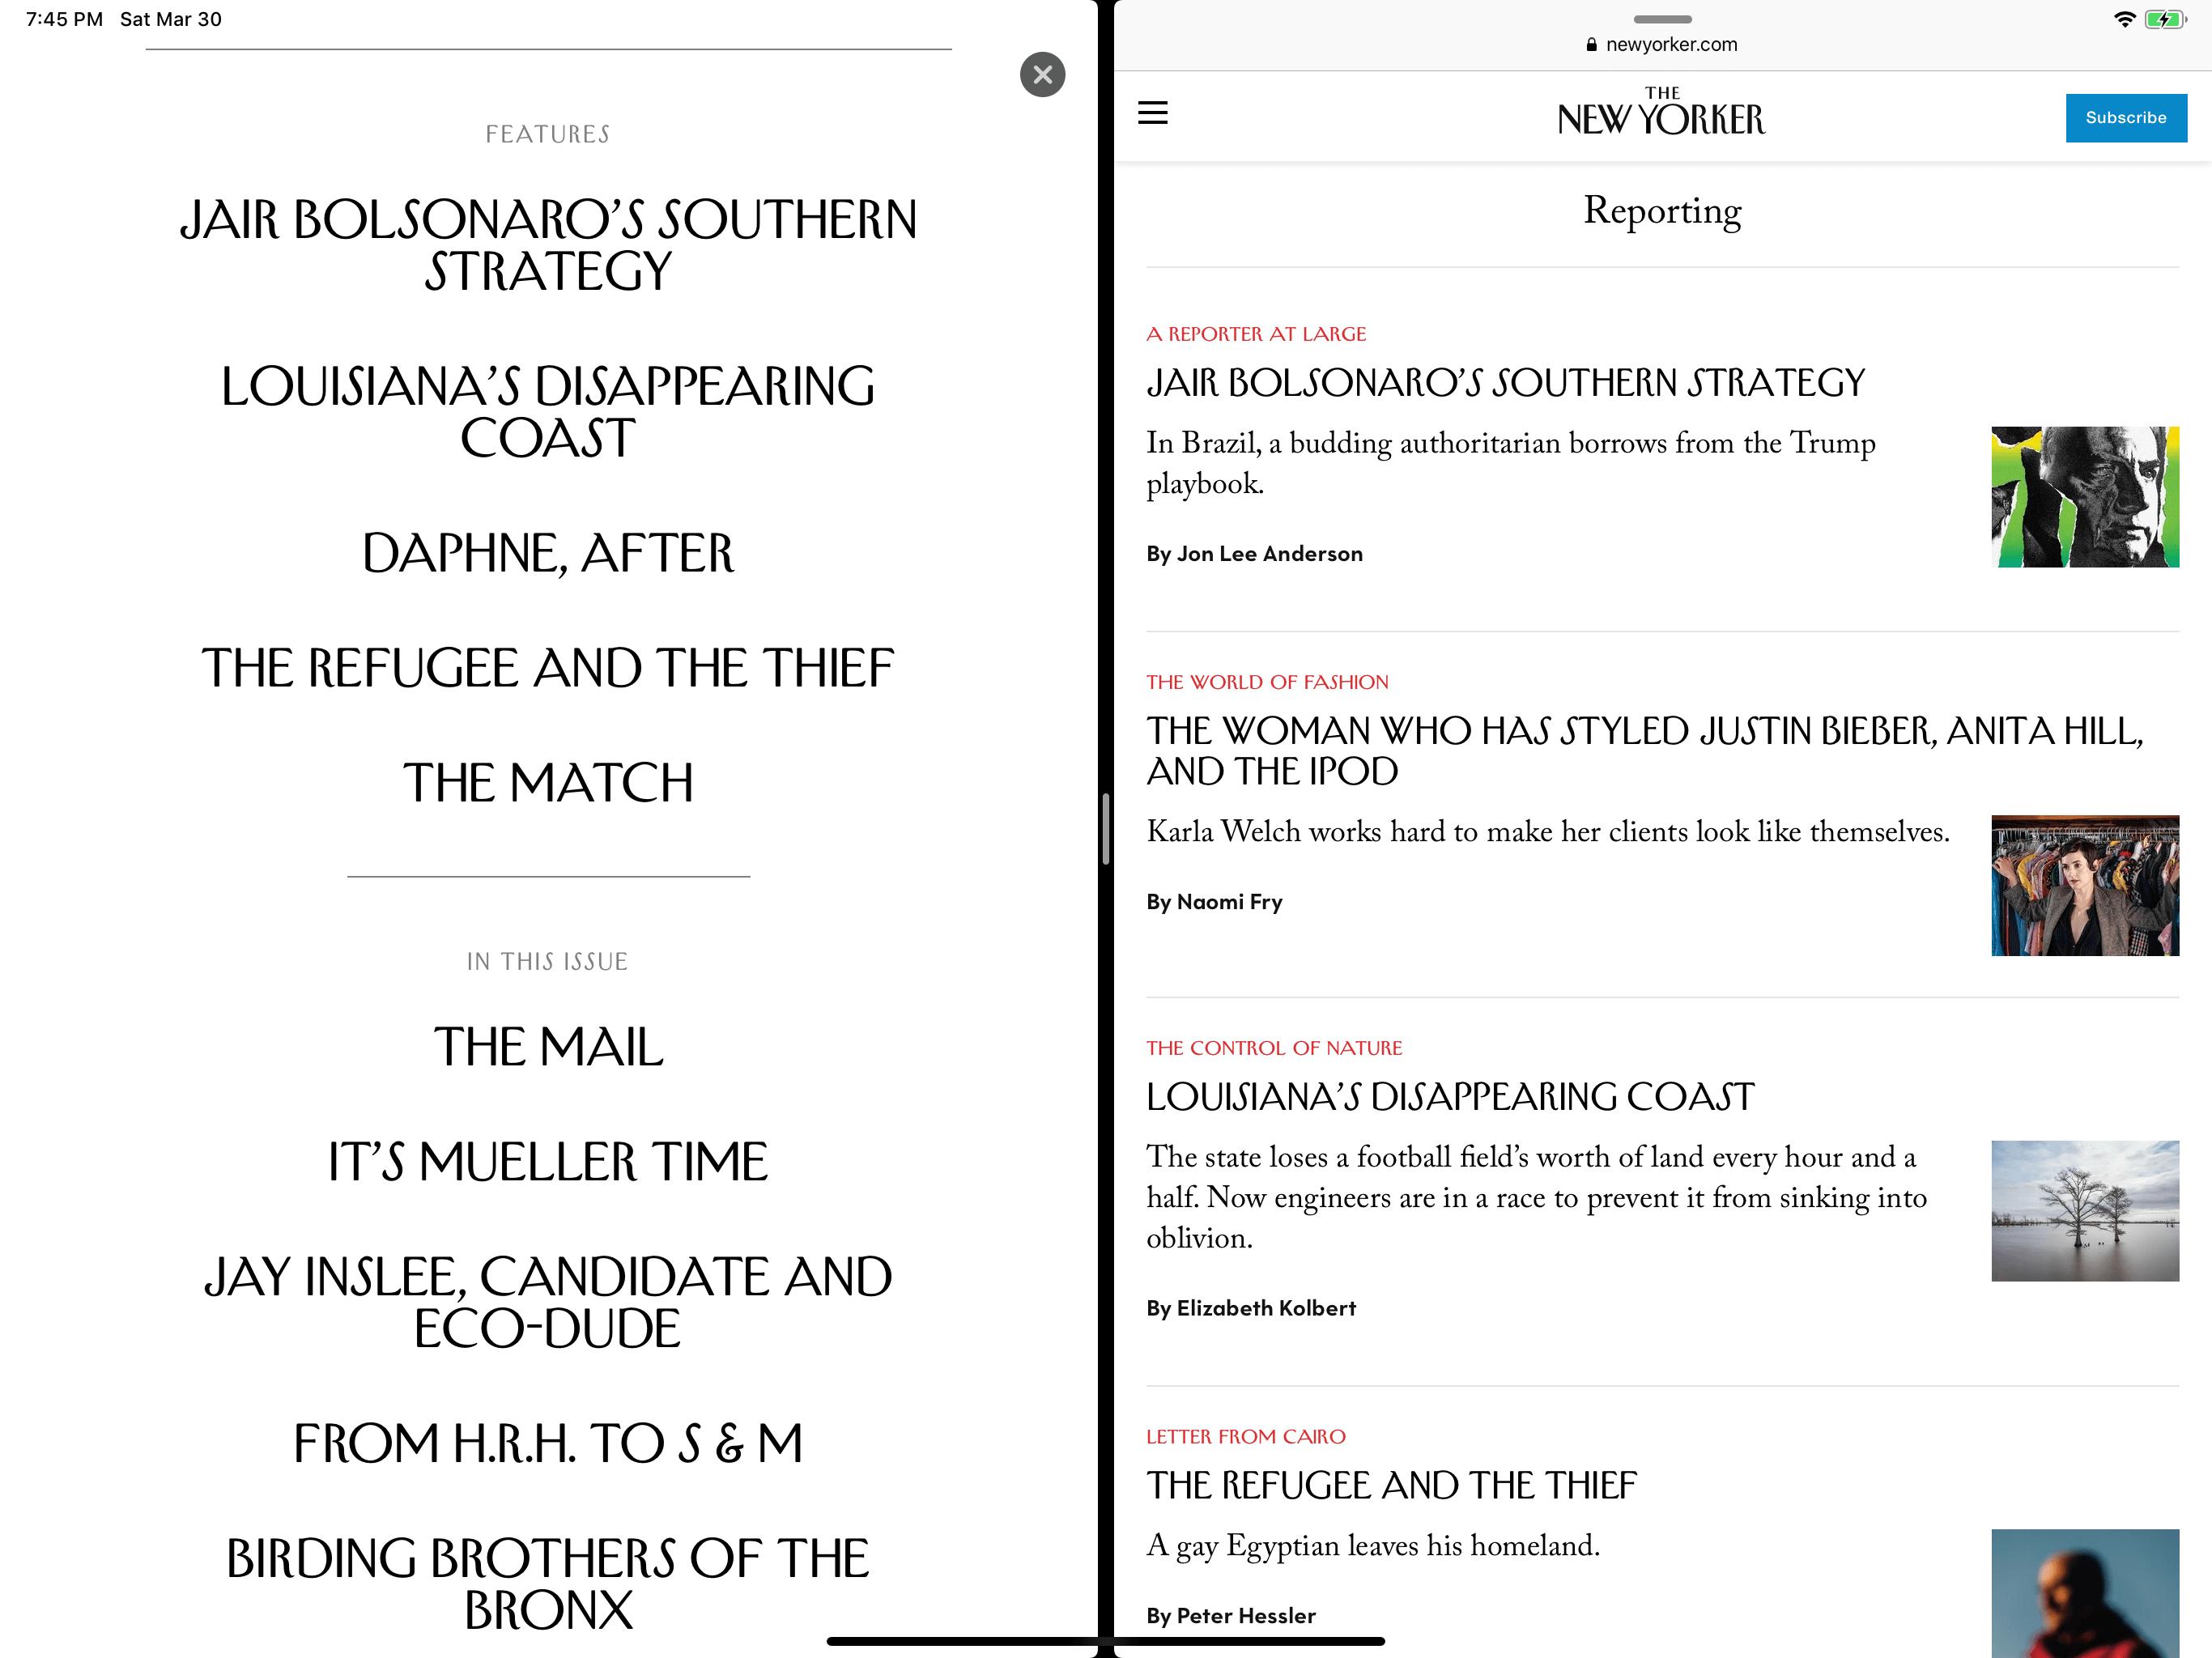 《纽约客》杂志在 Apple News+ 和网页上的目录;前者省略了很多有用信息